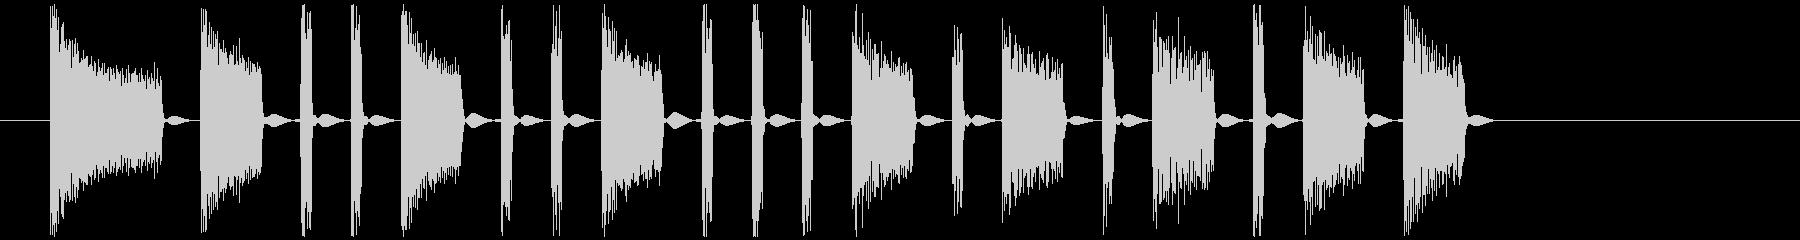 機械的でノイズの混じったジングルの未再生の波形